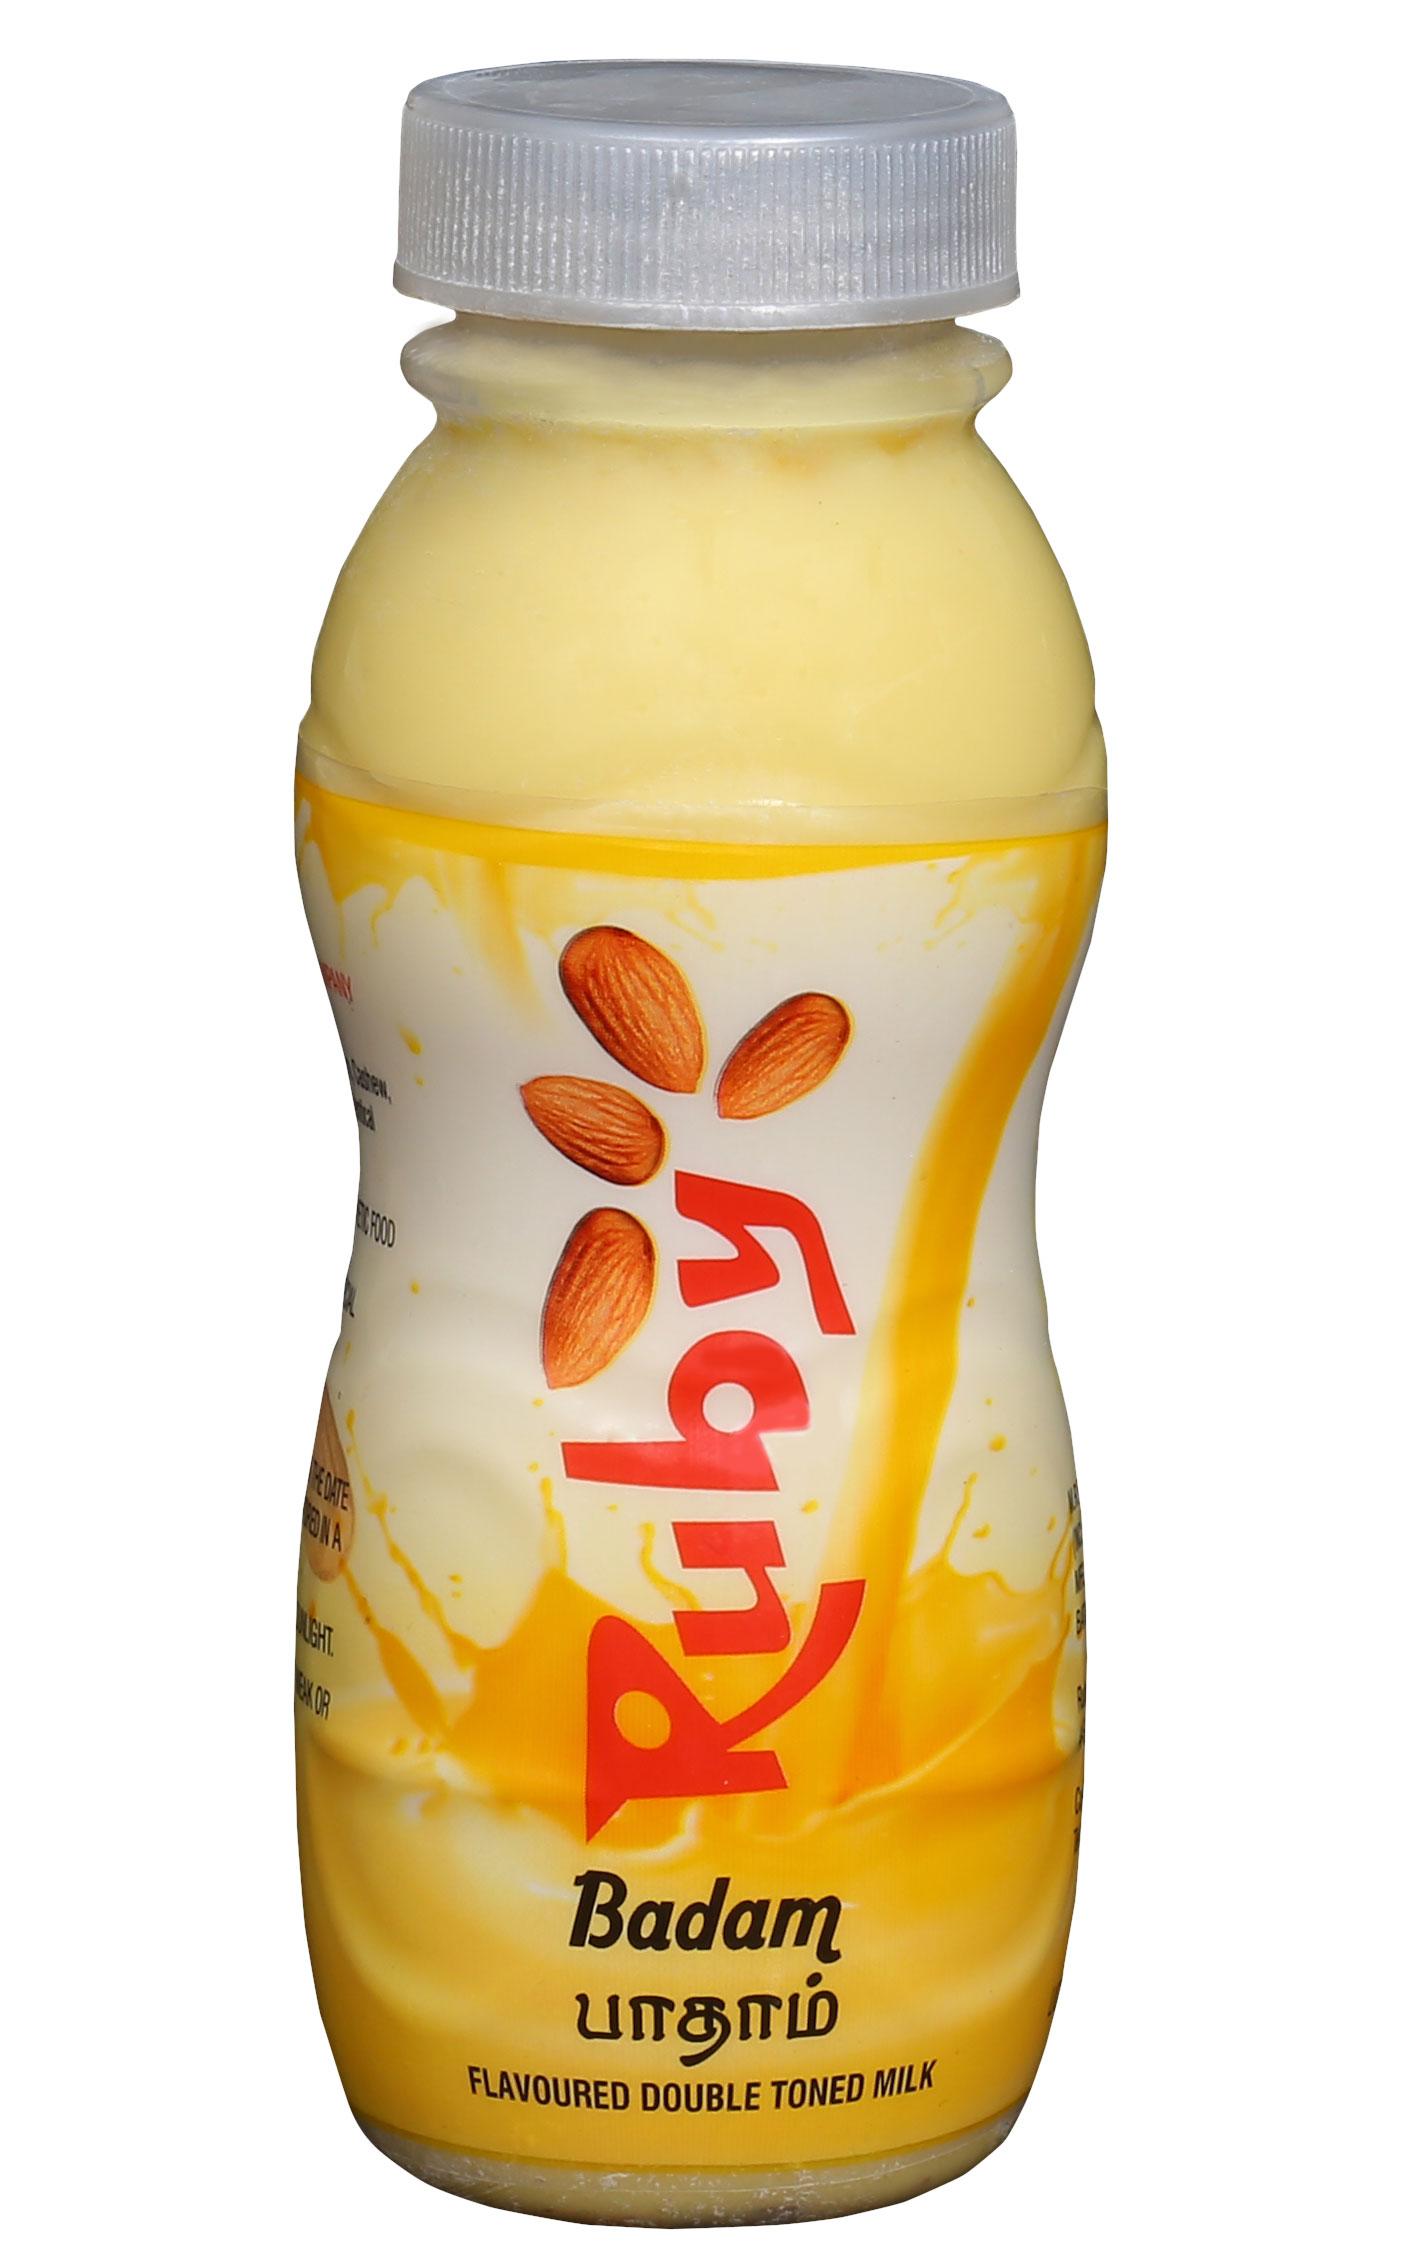 Ruby Badam Flavoured milk